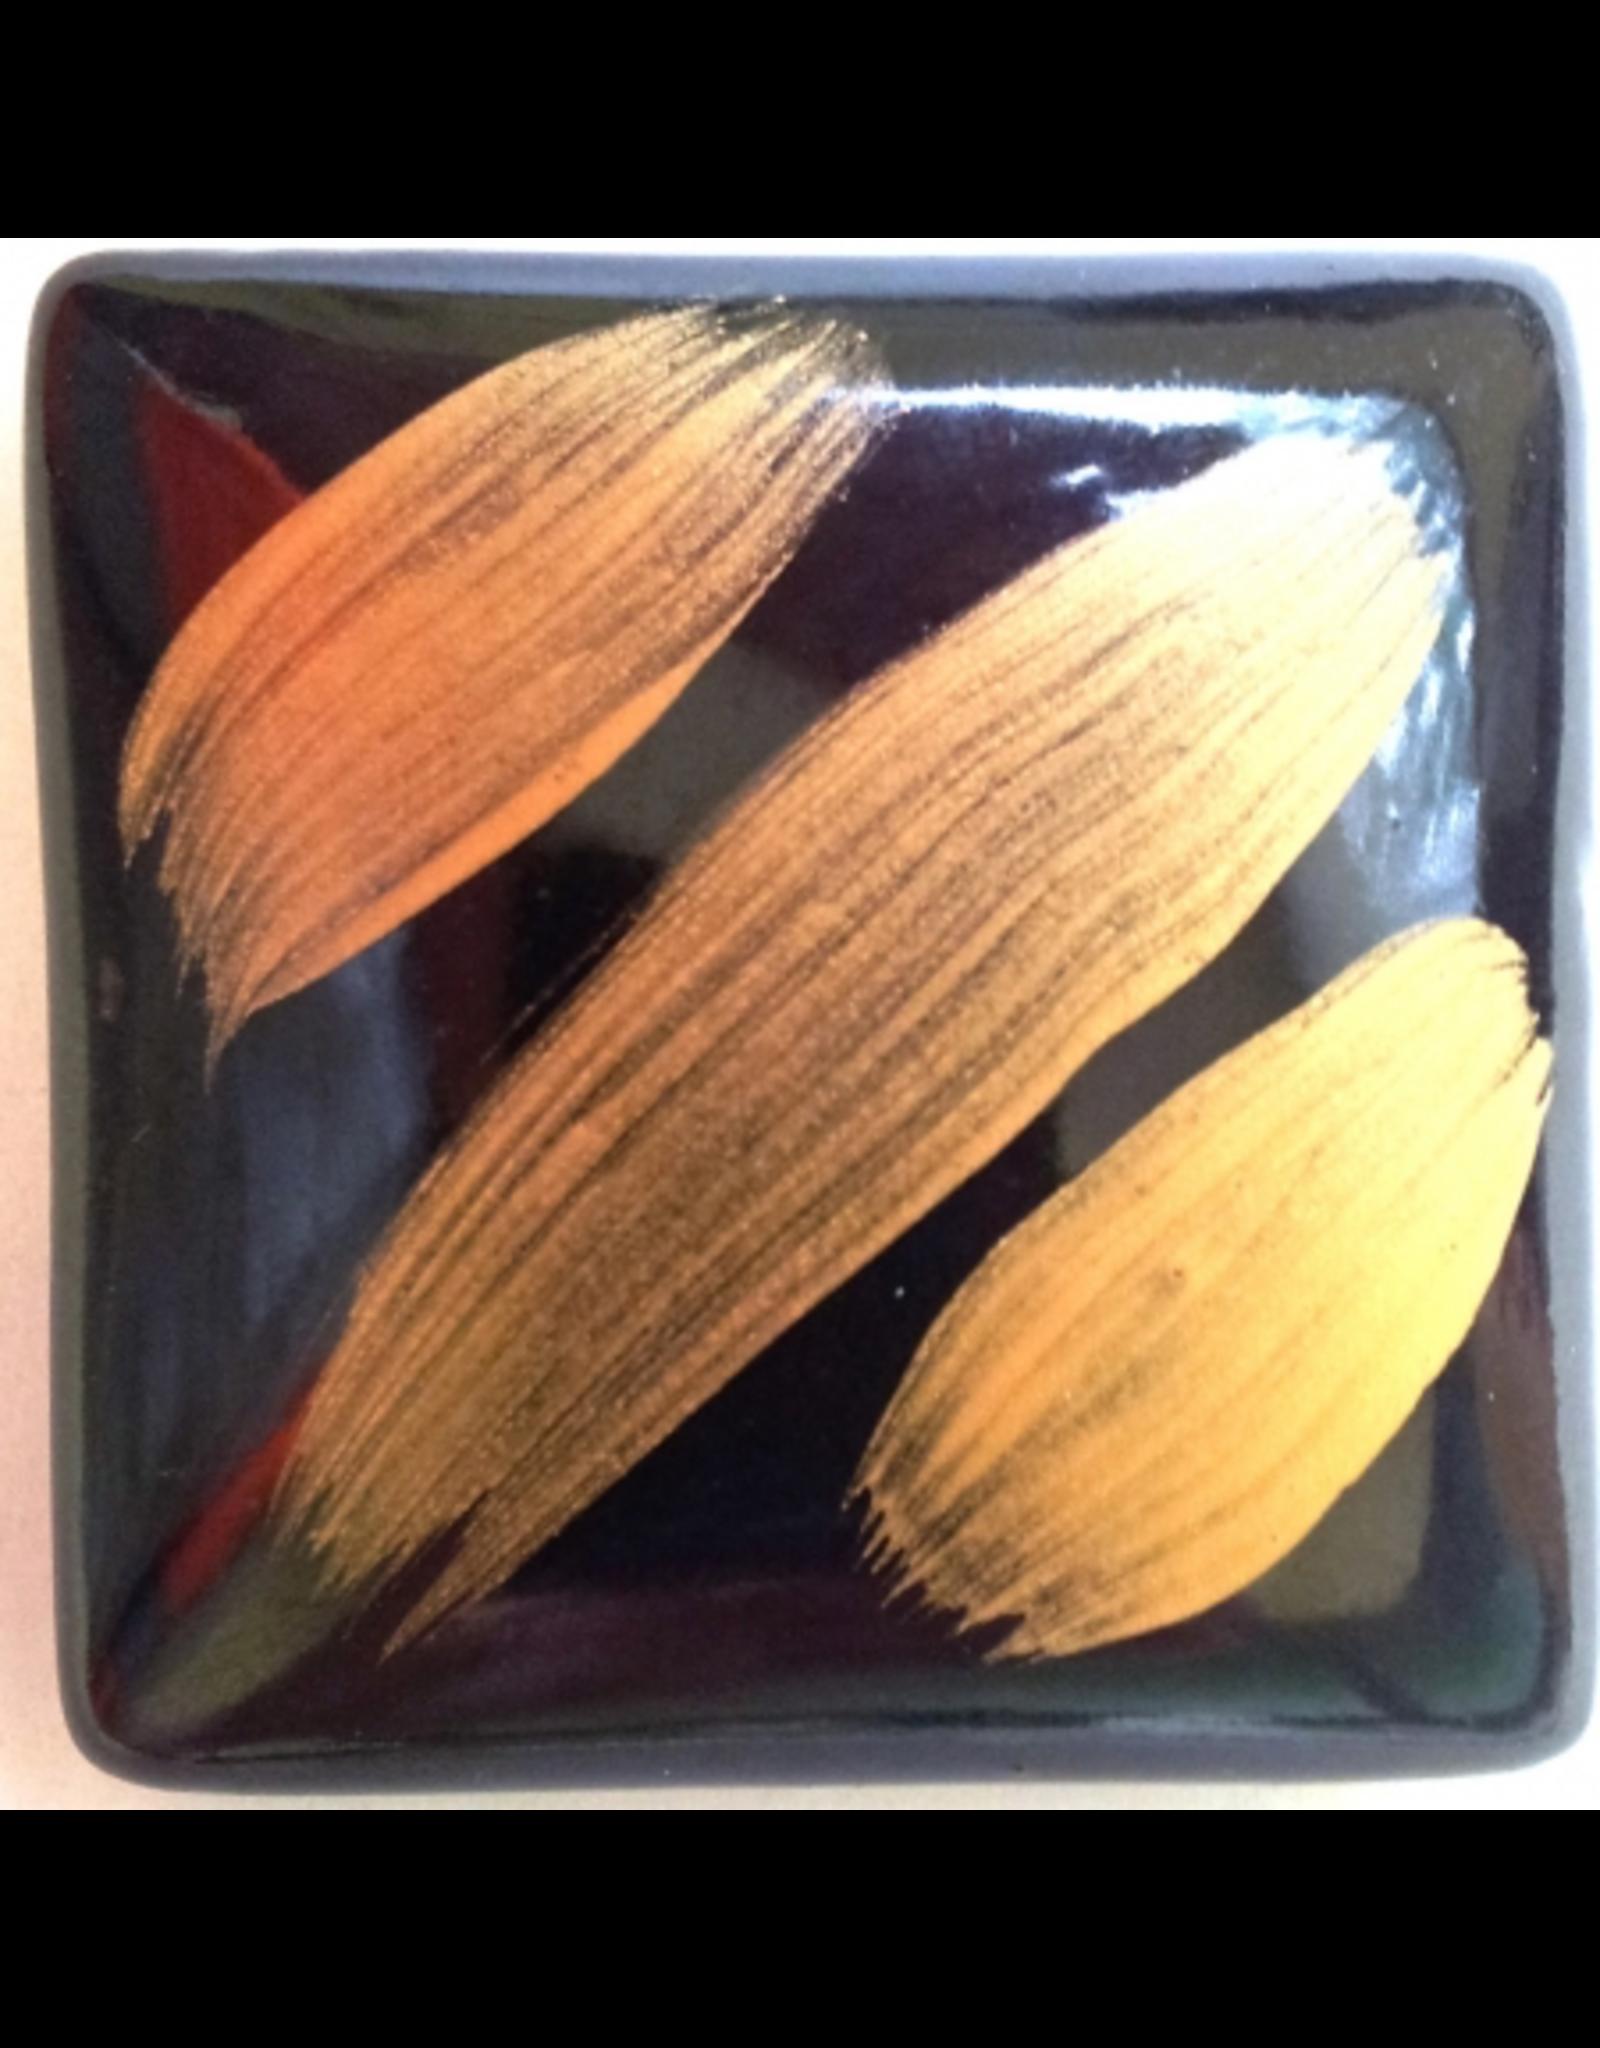 Potterycrafts Metalyk Gold On-glaze